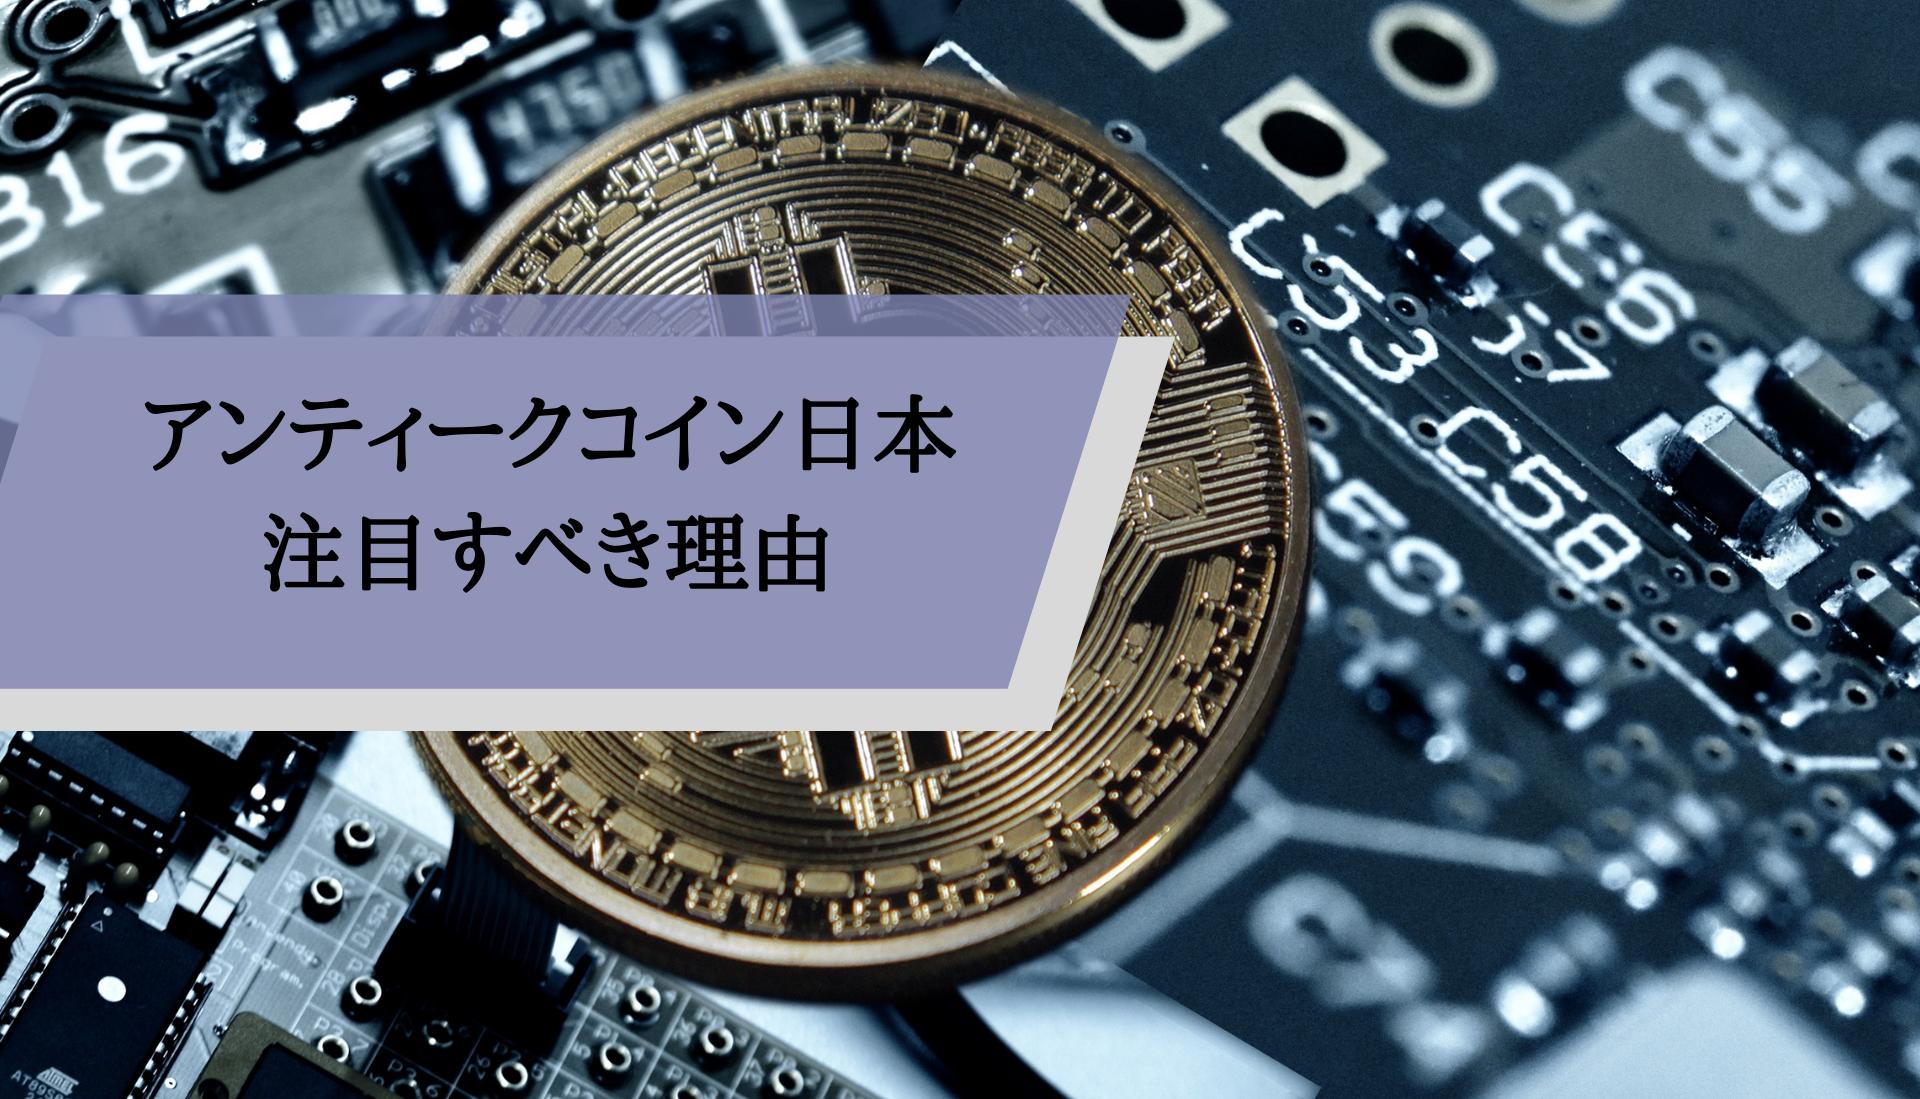 アンティークコイン日本_注目すべき理由